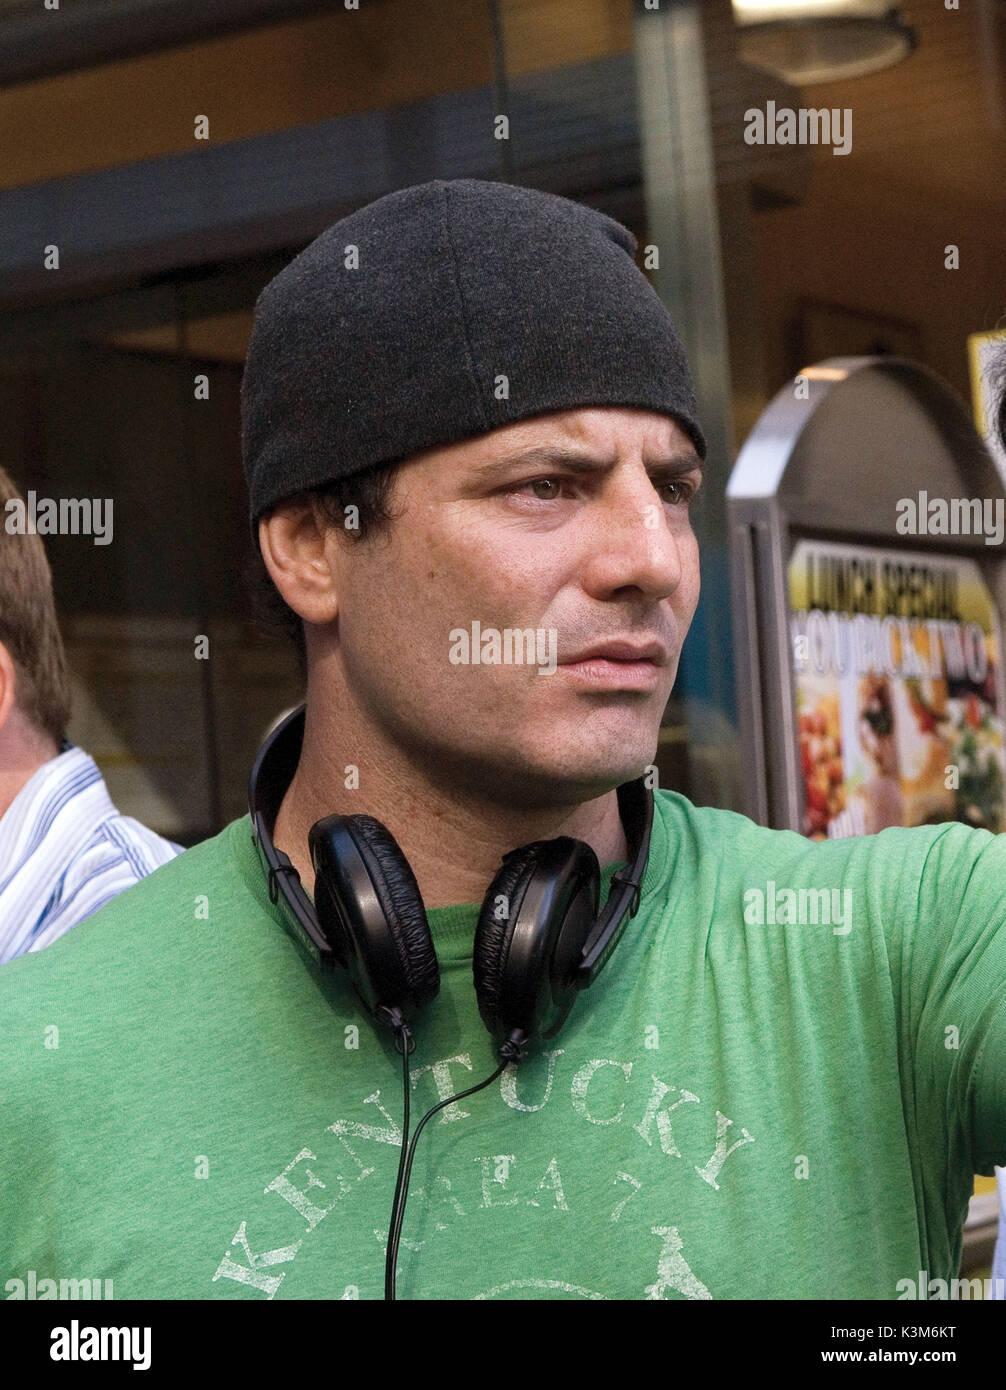 Direttore di combattimento DITO MONTIEL combattimenti data: 2009 Immagini Stock